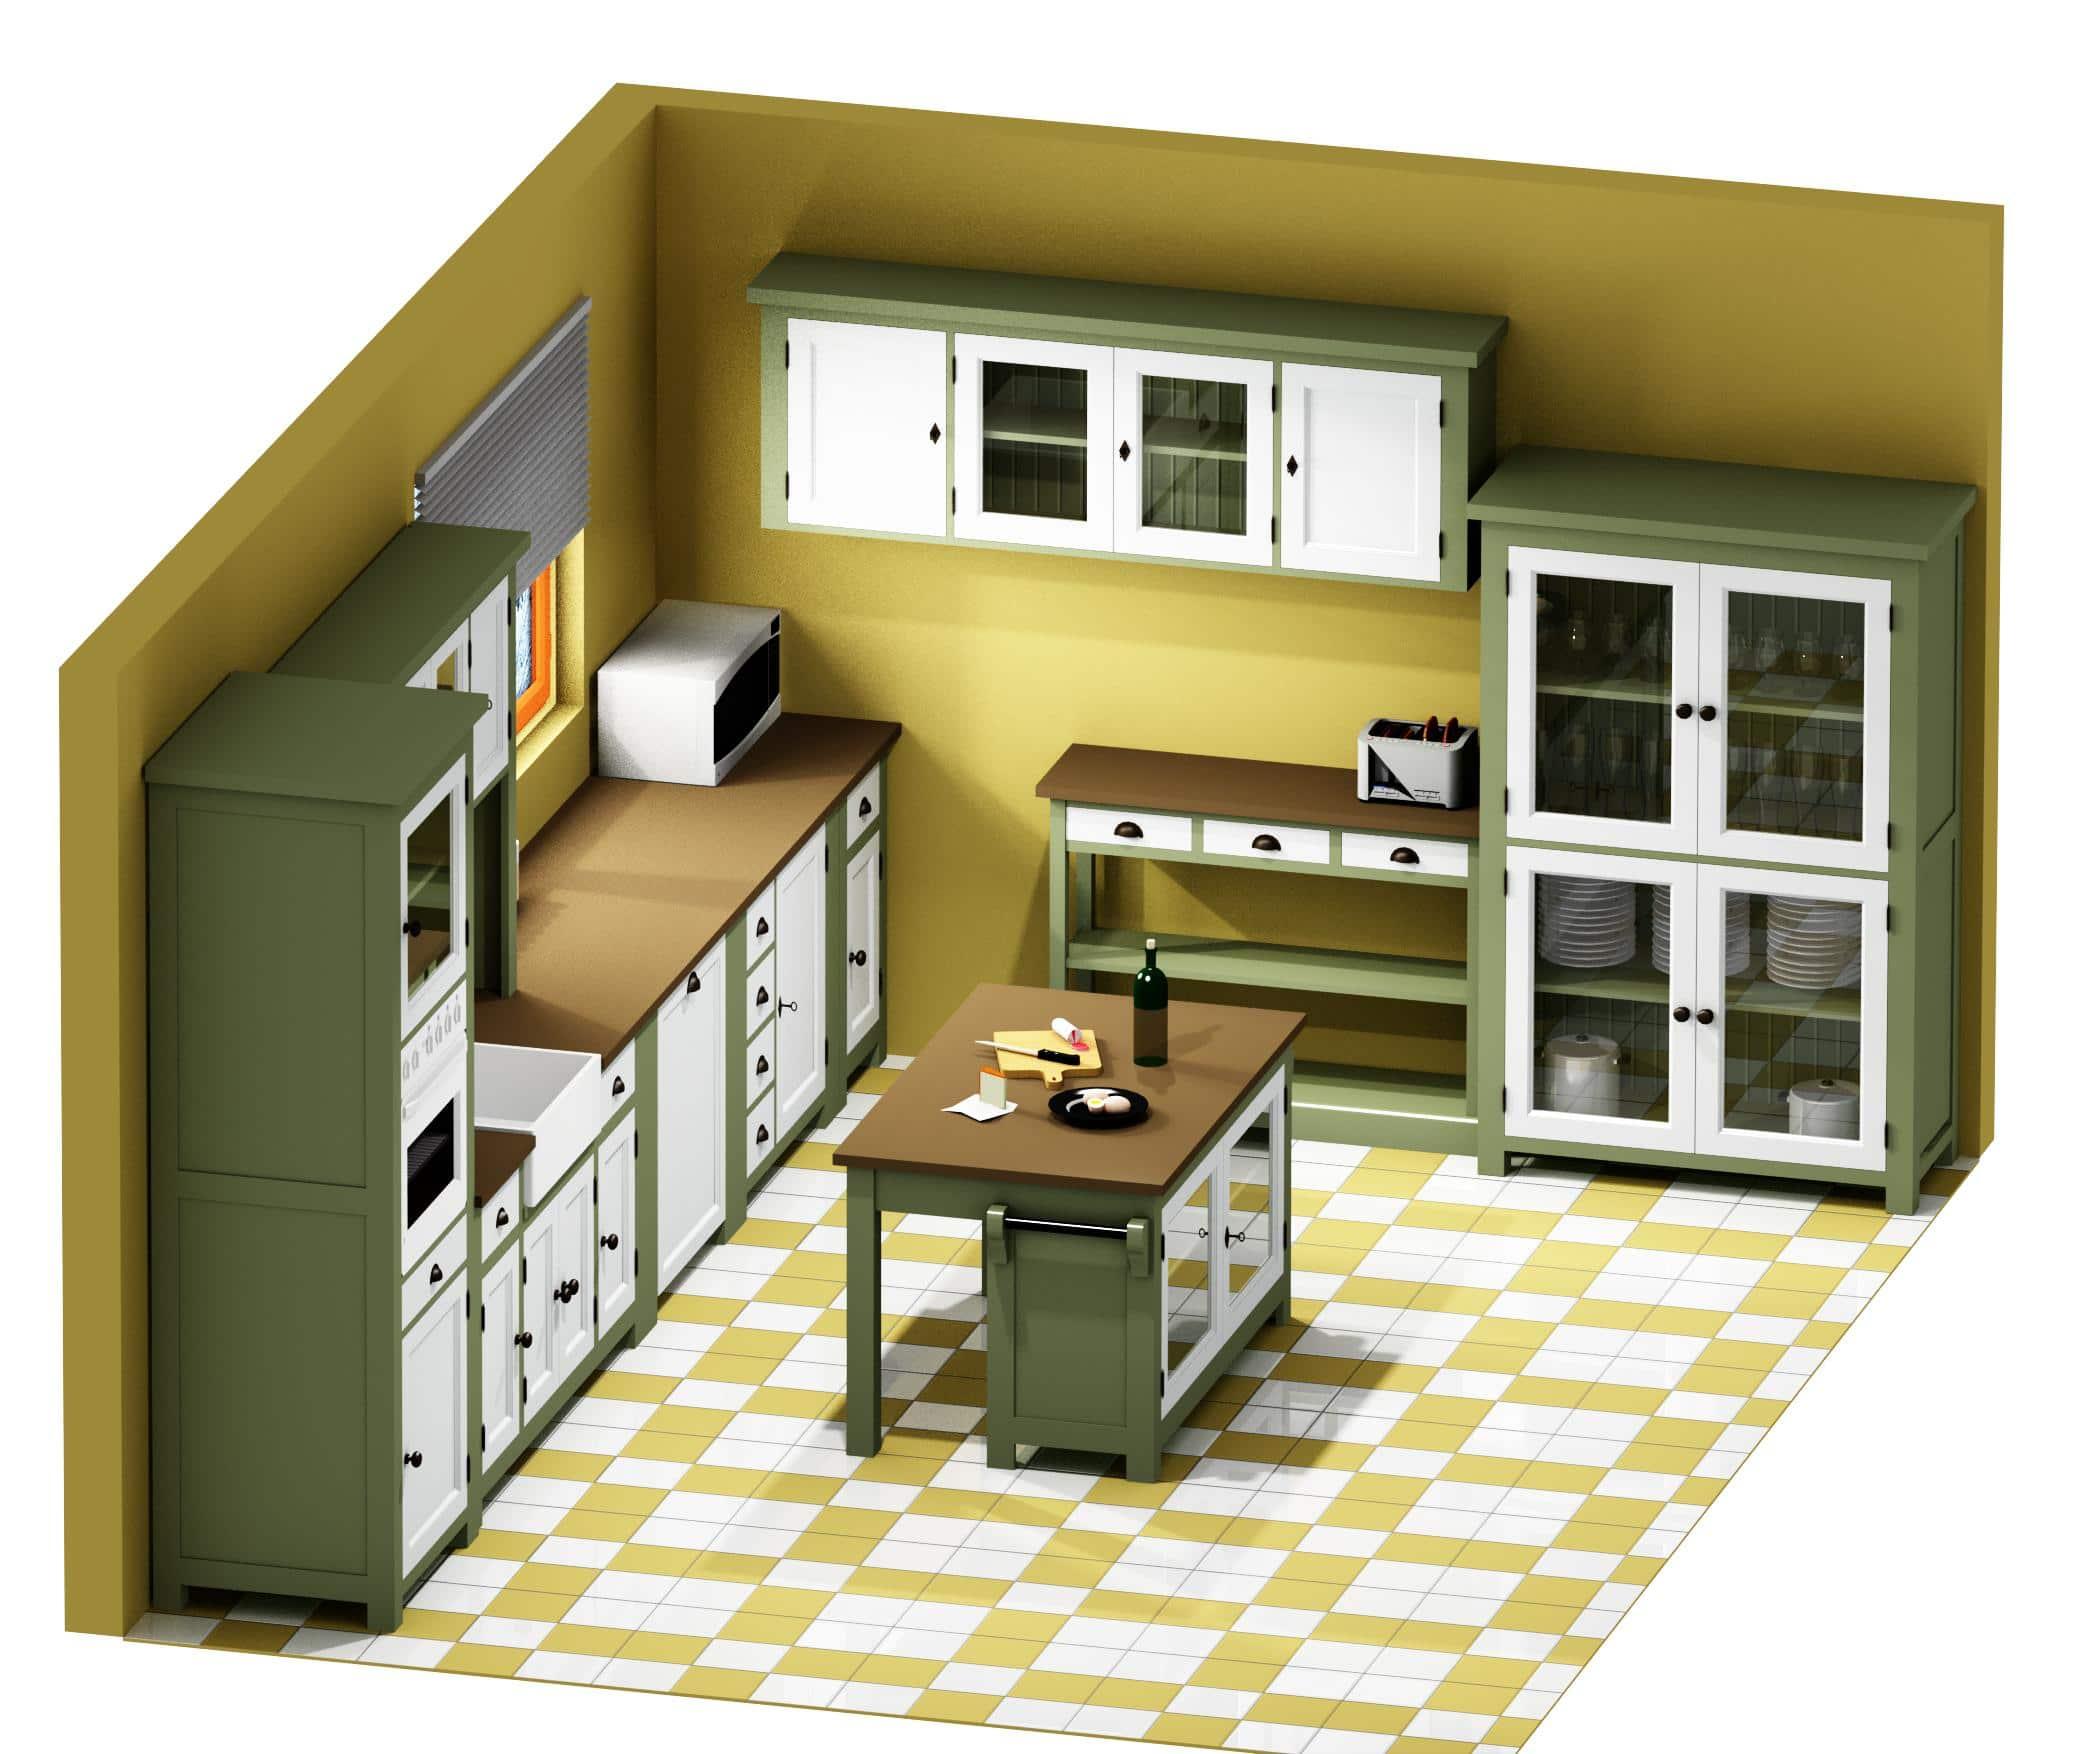 Projet 3d de cuisine le d p t des docks for Projet de cuisine en 3d